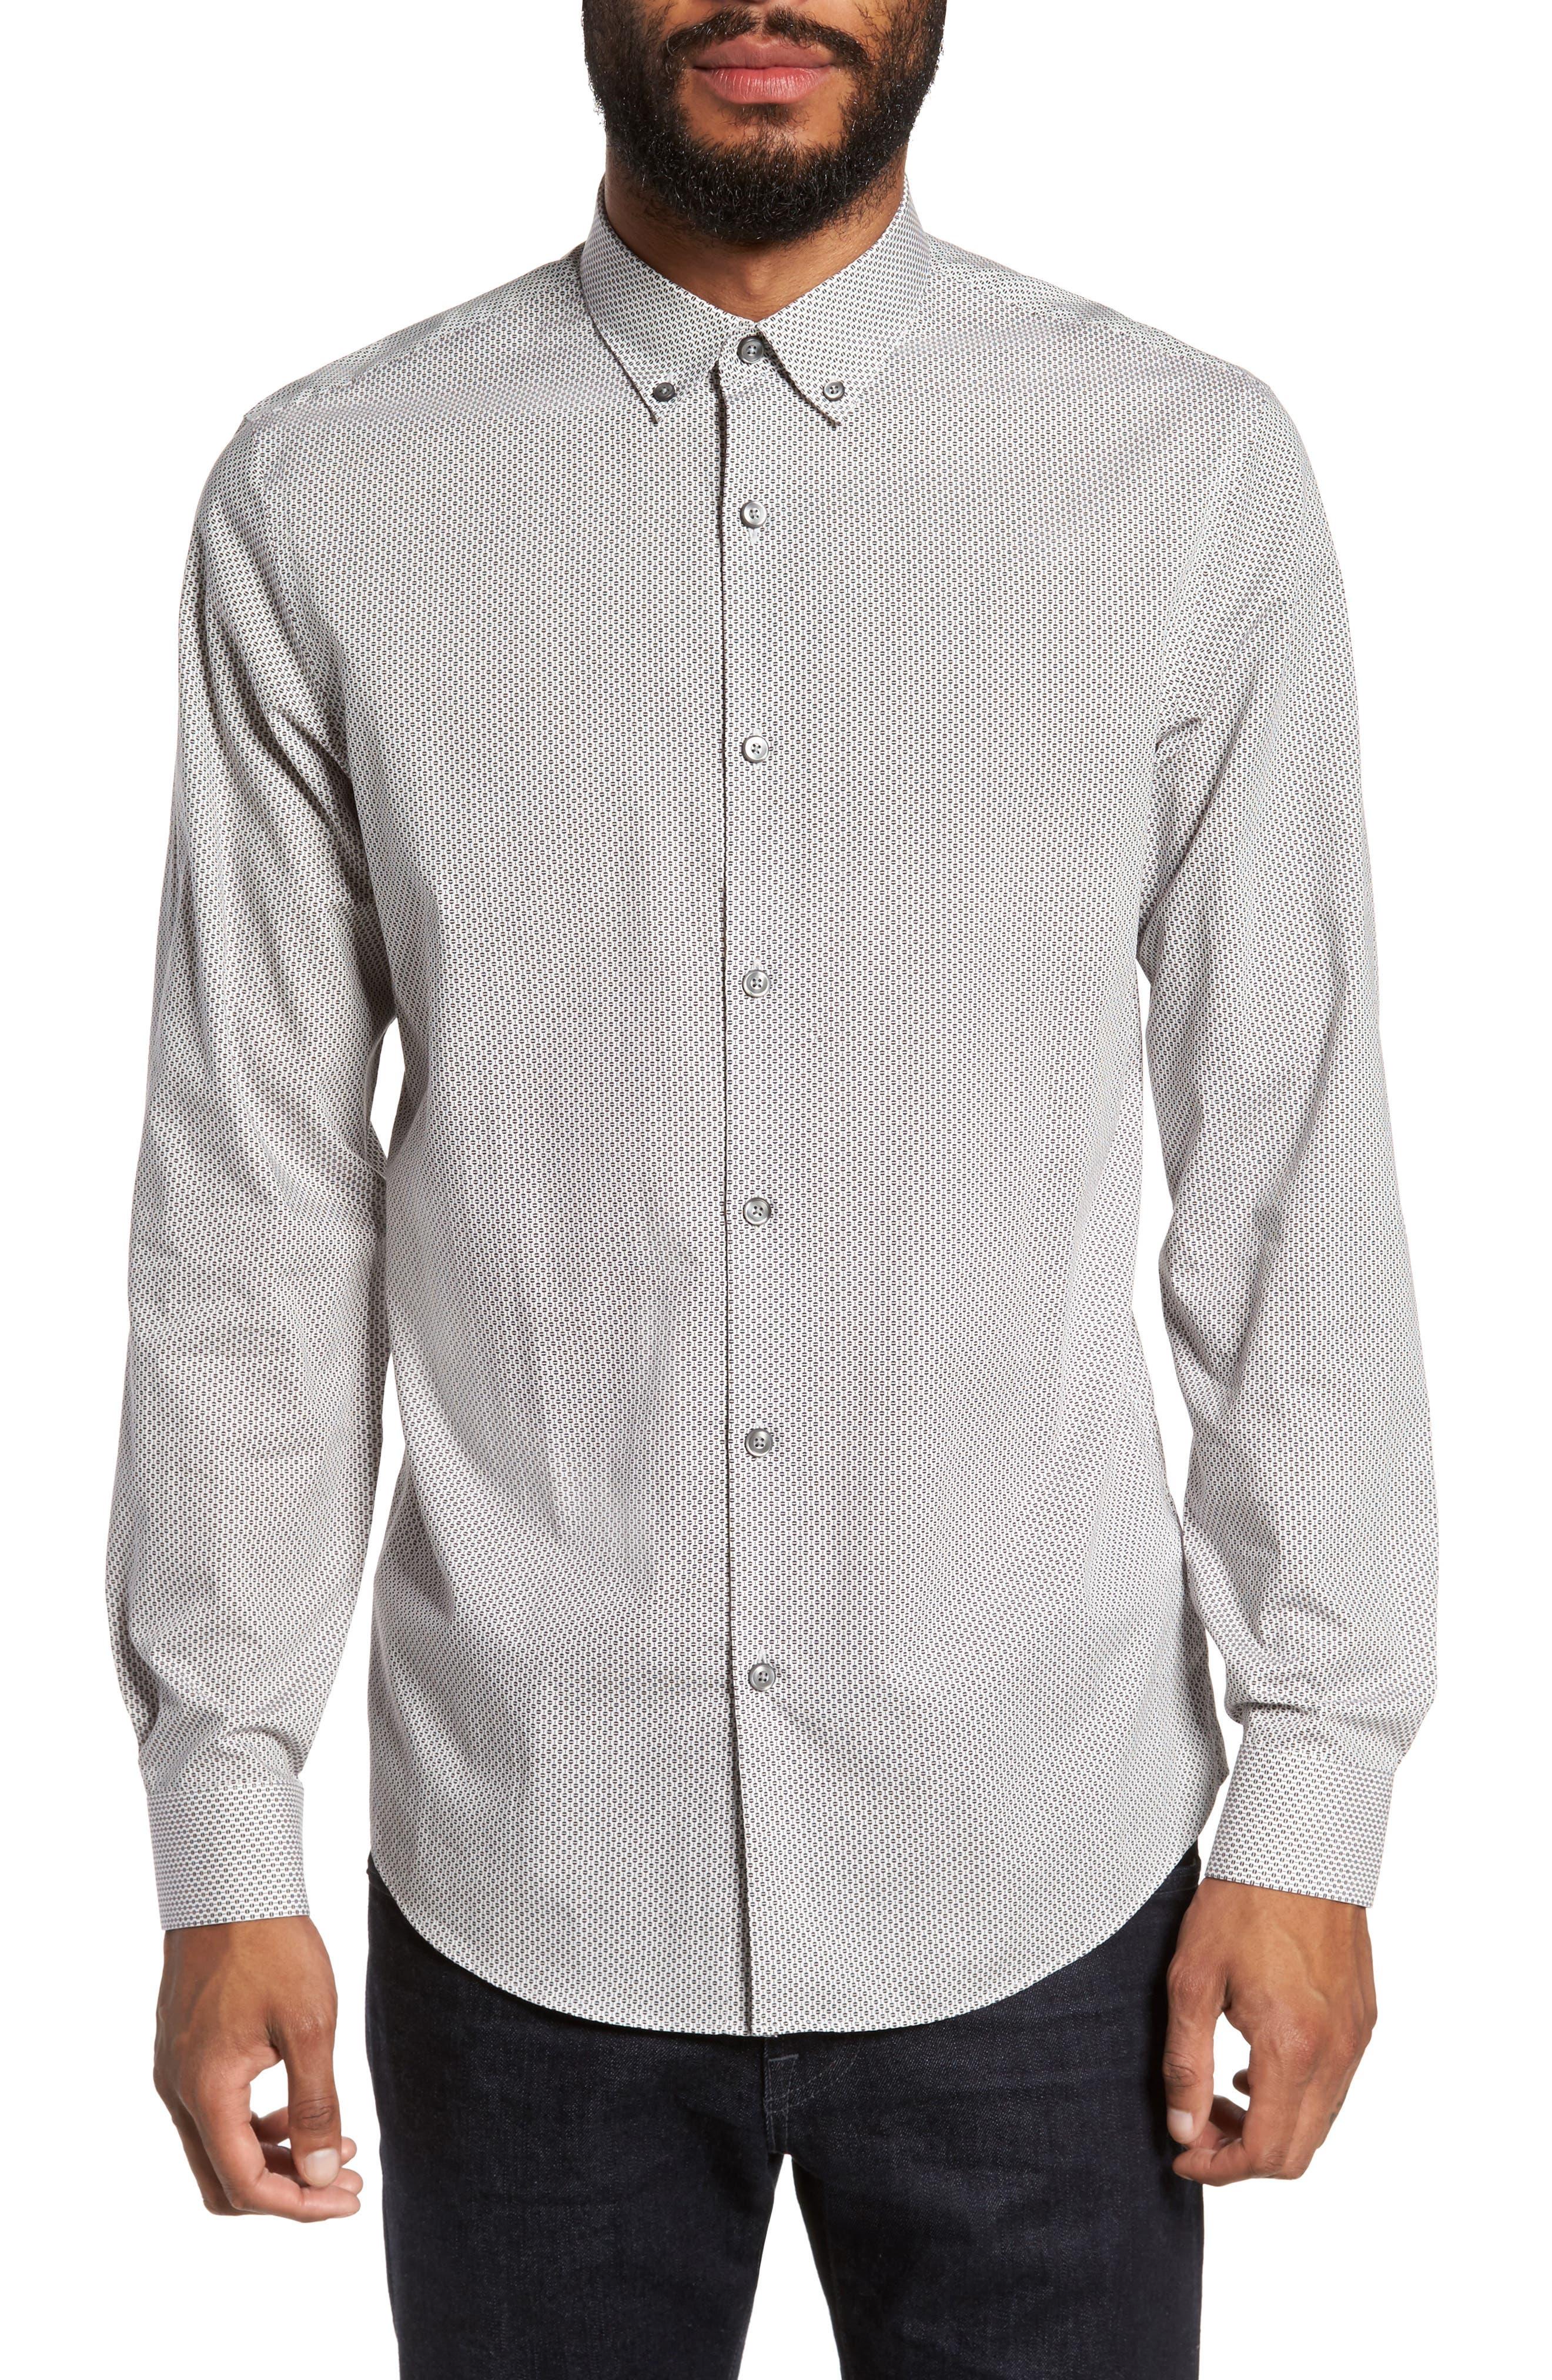 Alternate Image 1 Selected - Calibrate Trim Fit Print Sport Shirt